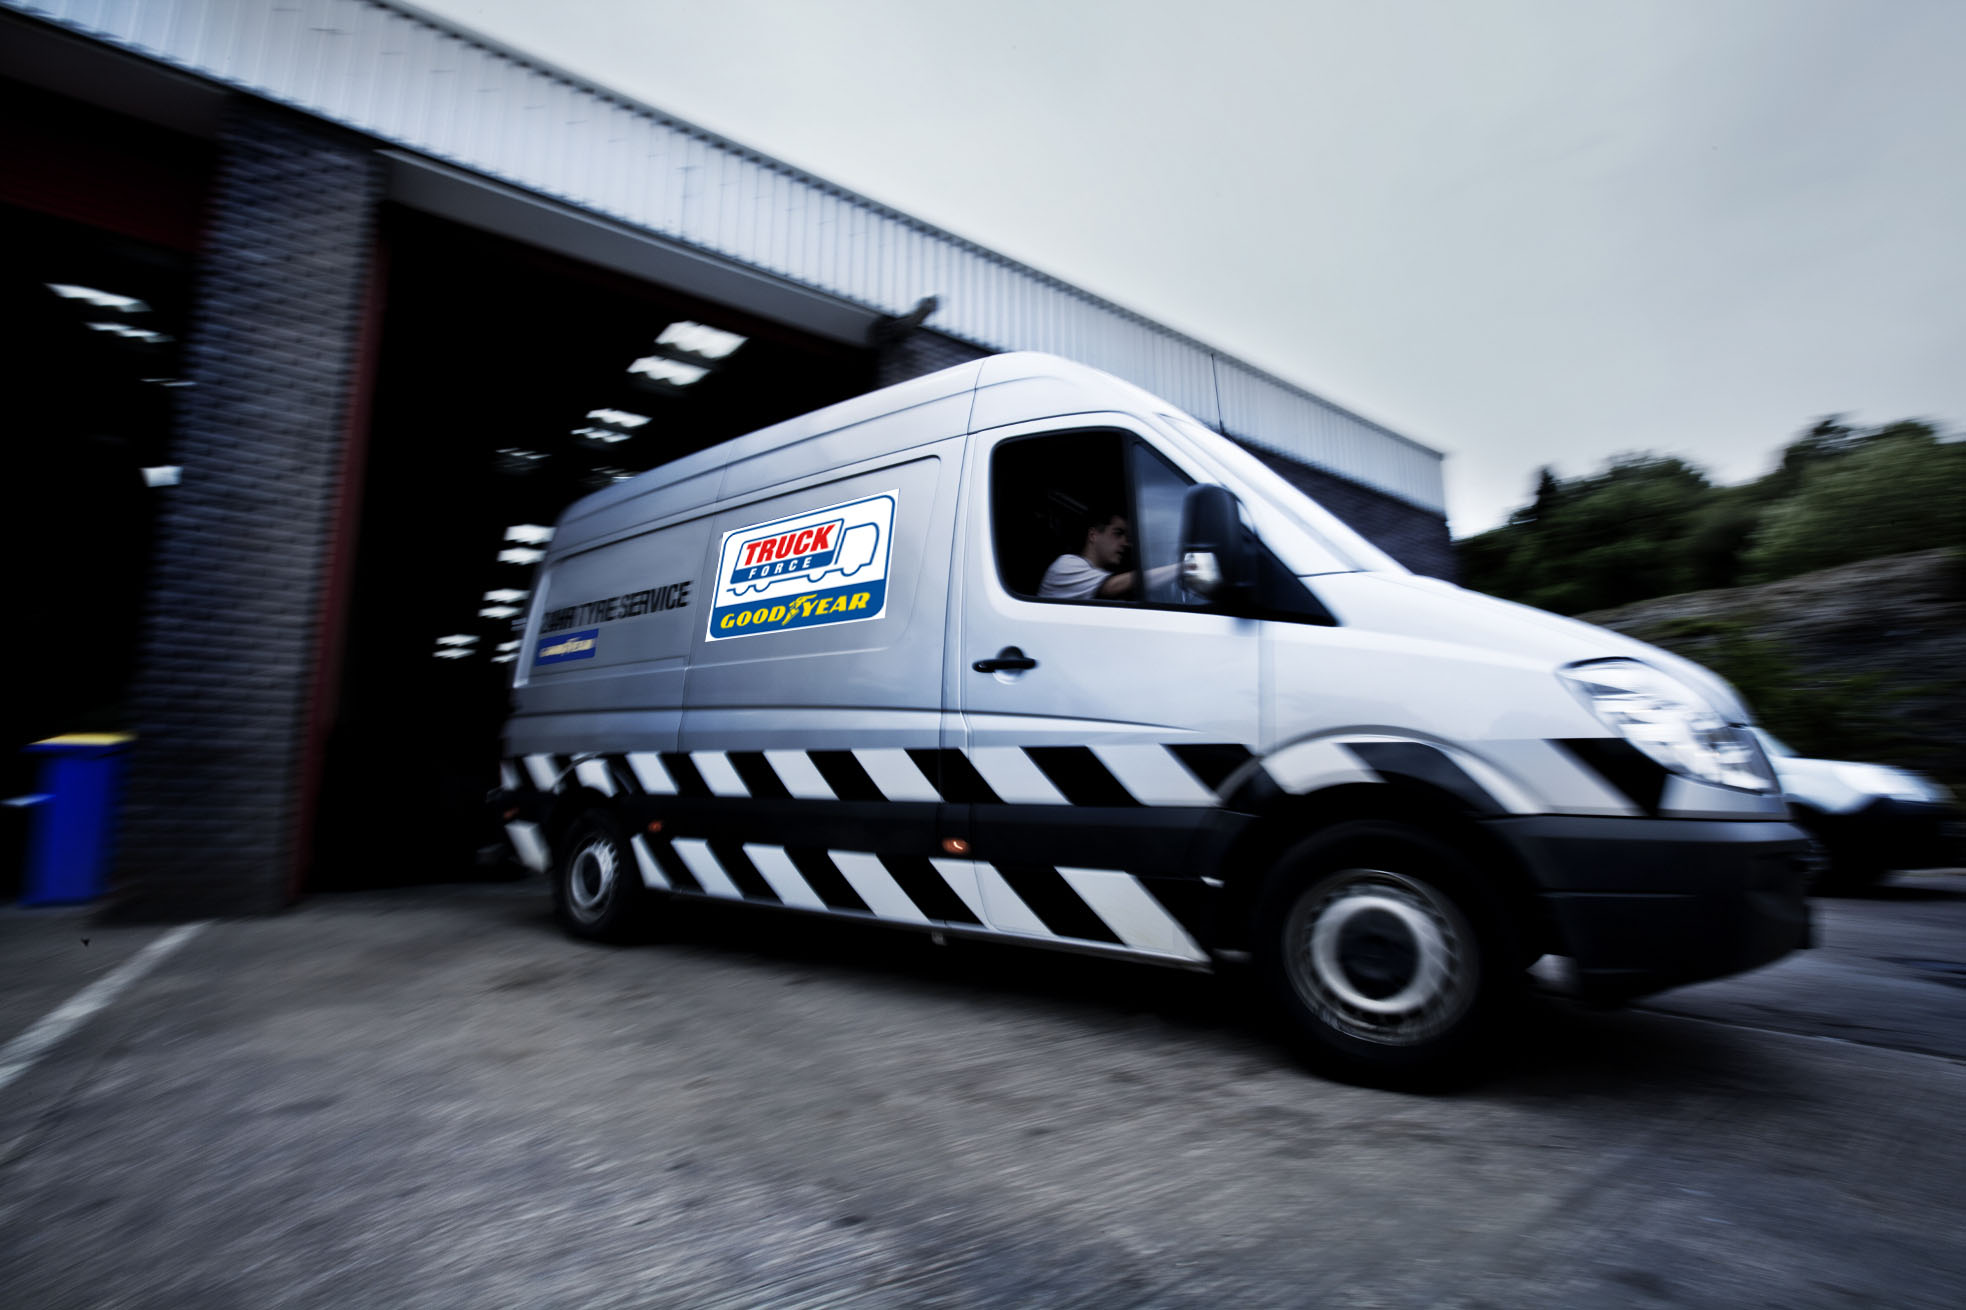 ServiceLine 24 horas de Goodyear reduce el tiempo de inactividad del camión a 2 horas de media.